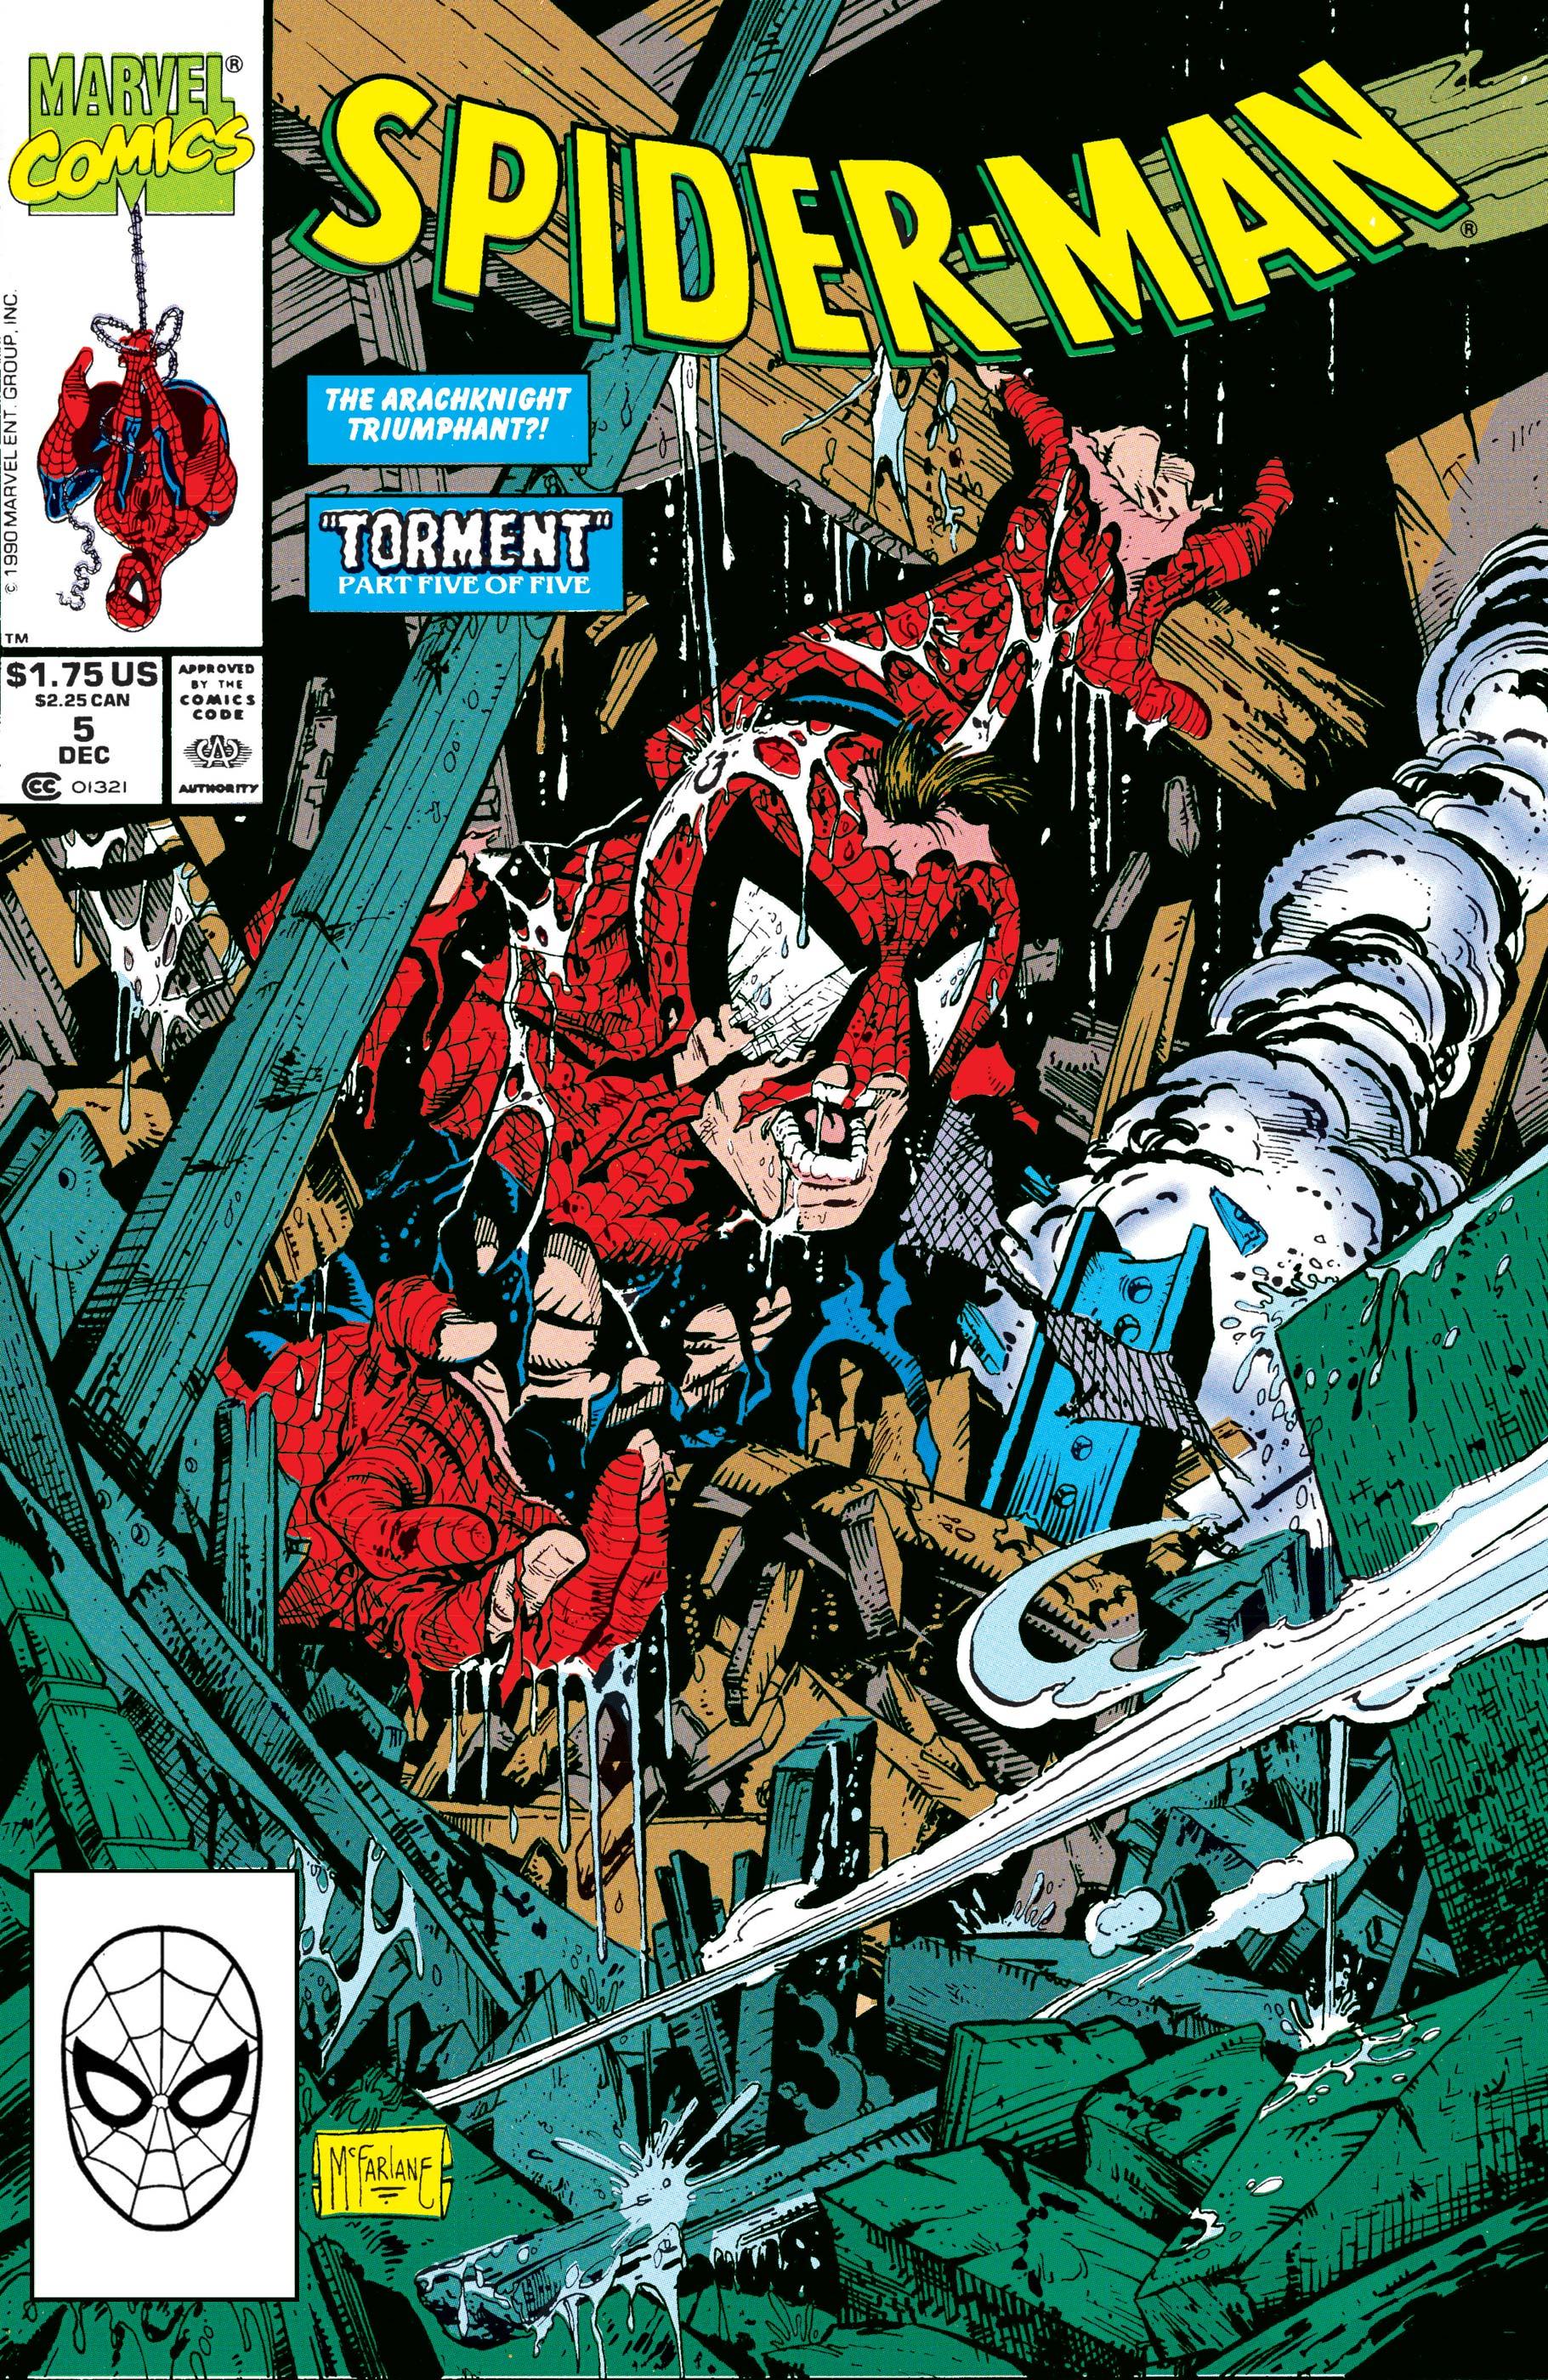 Spider-Man (1990) #5